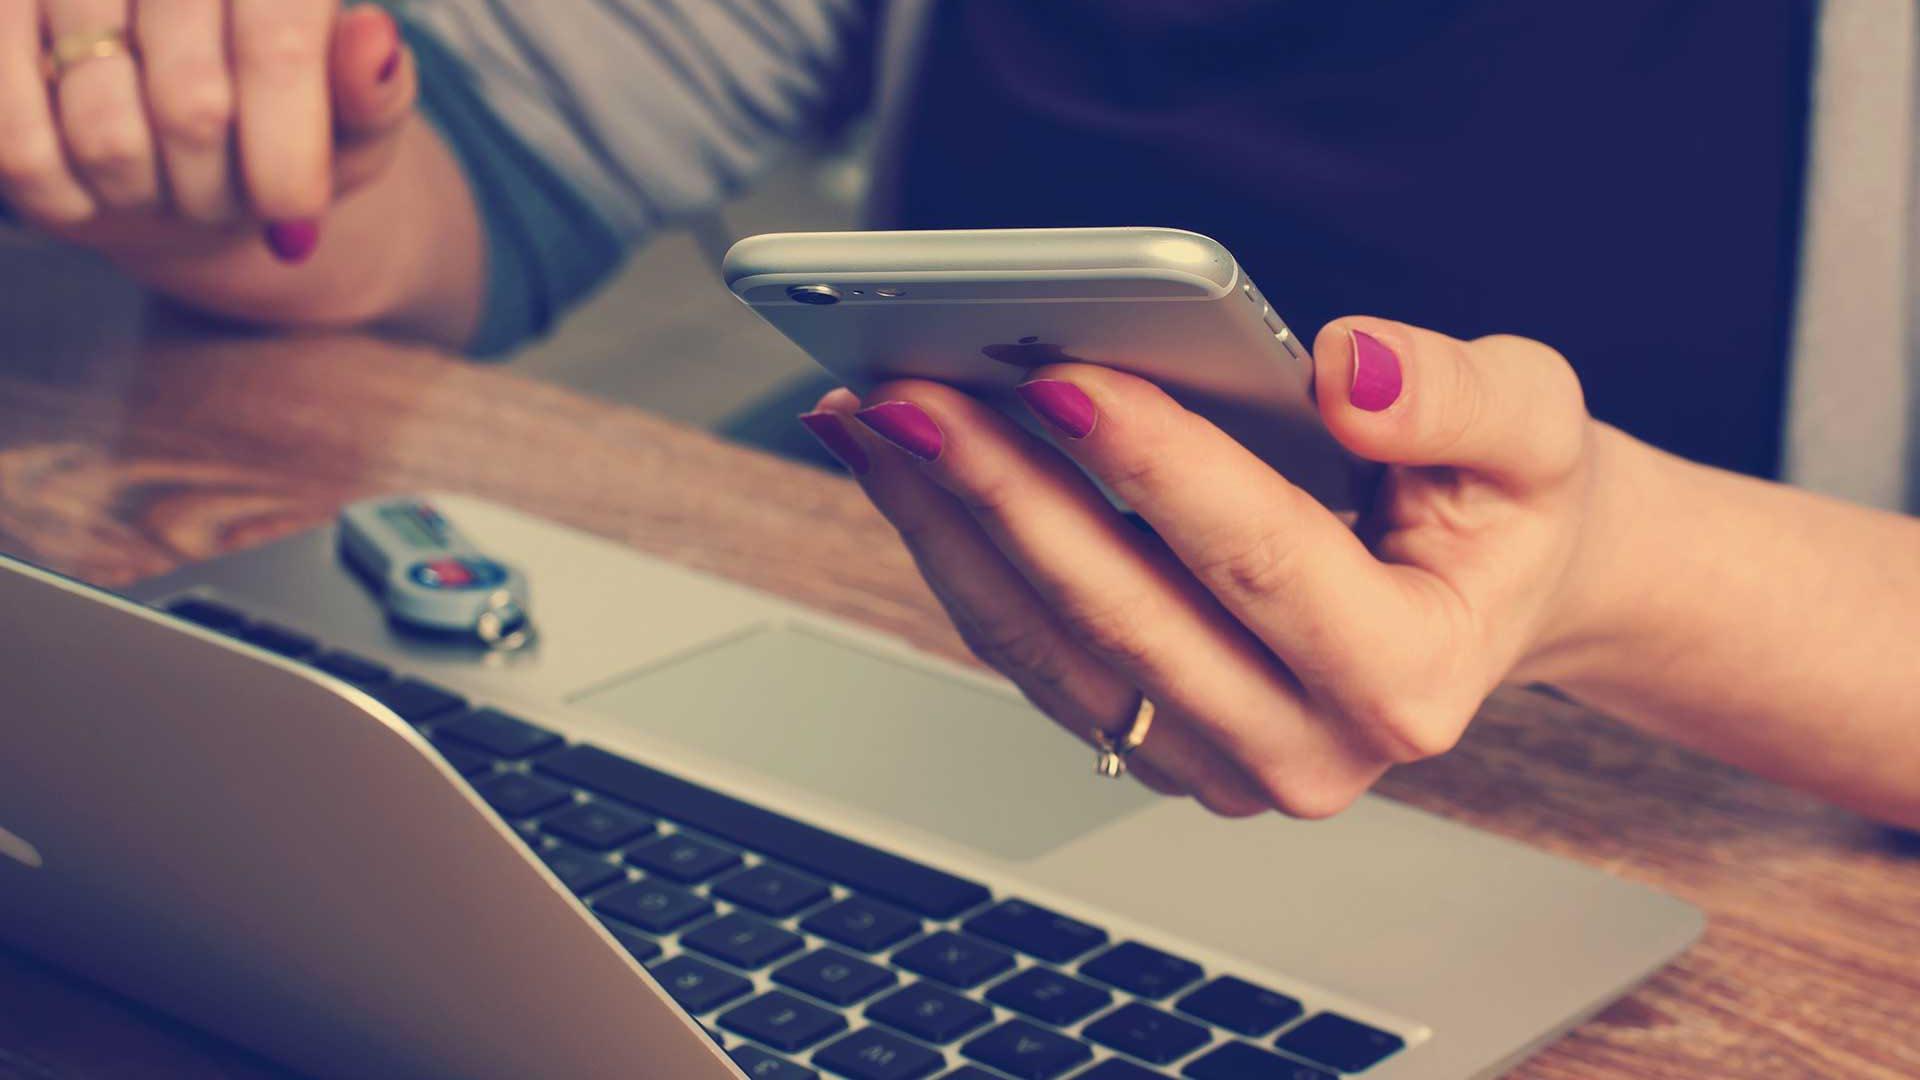 centralizar-contas-email-nortico-comunicacao